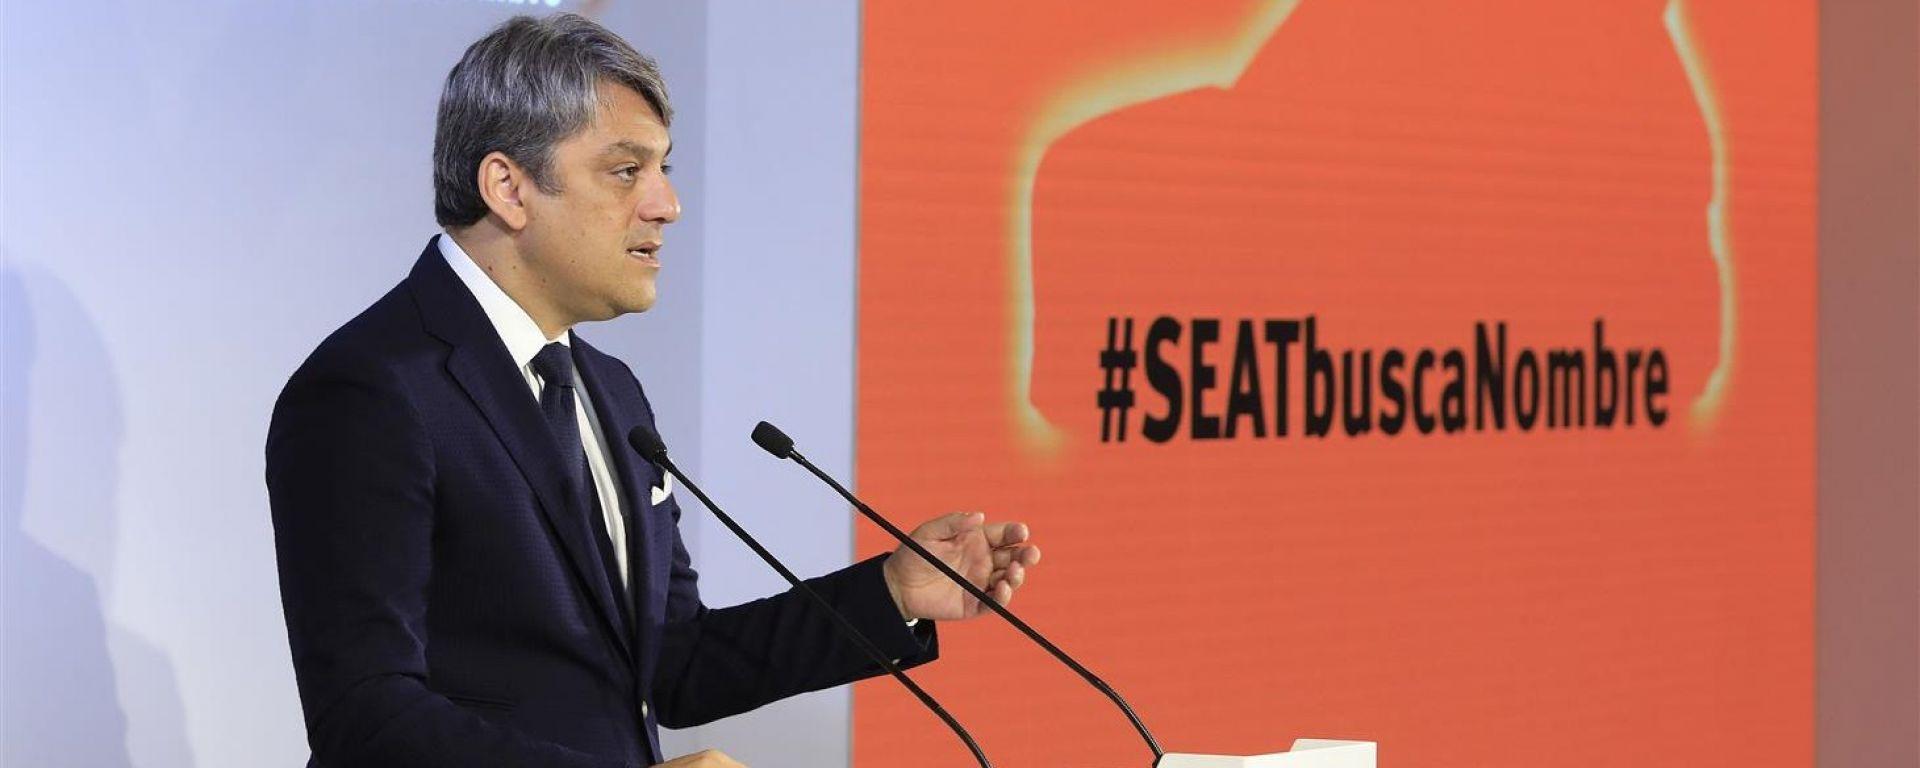 Nuovo suv Seat: ecco i 9 nomi finalisti